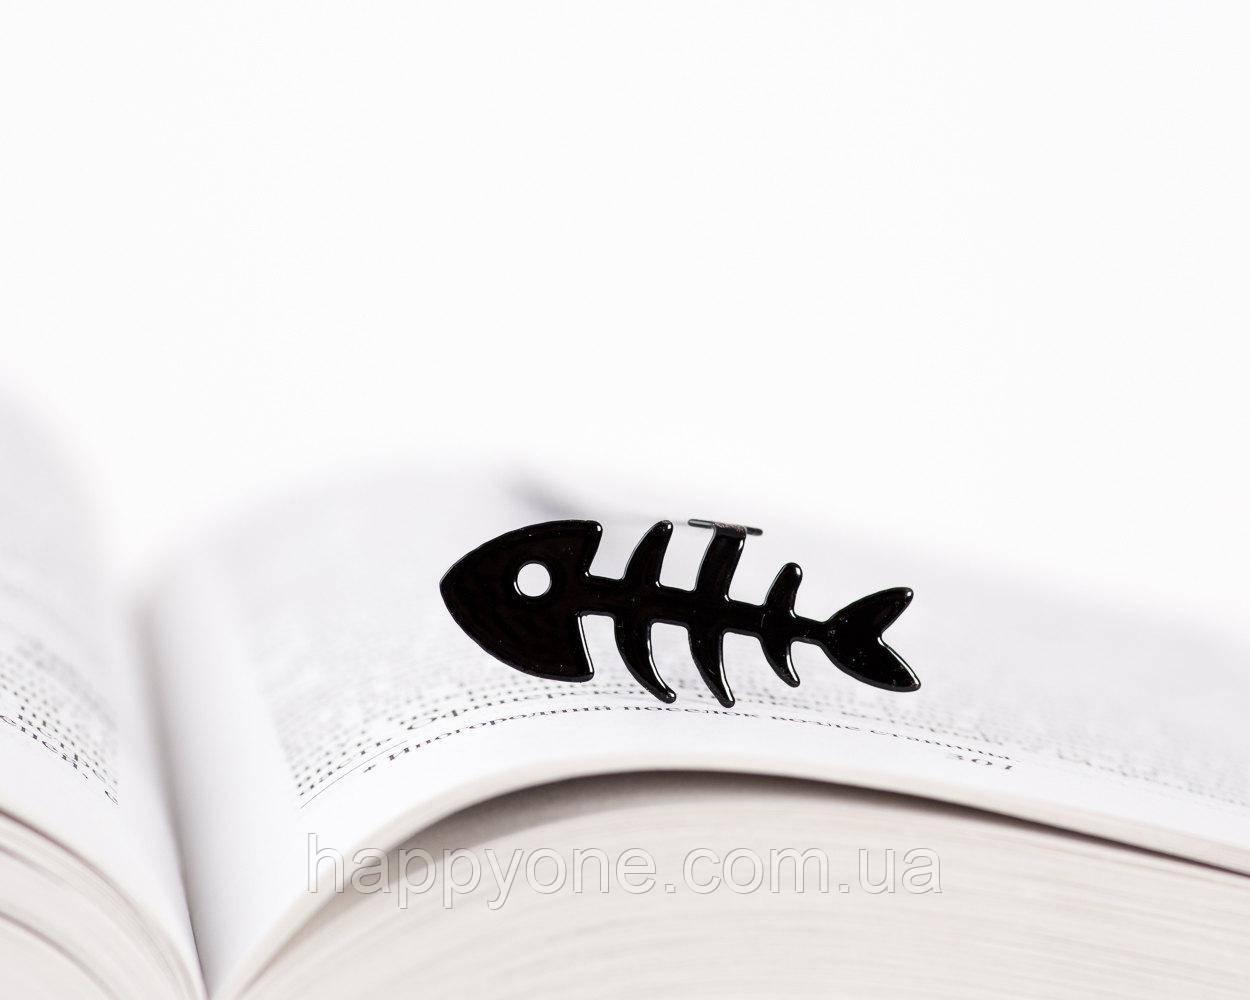 Закладка для книг Рыбья кость